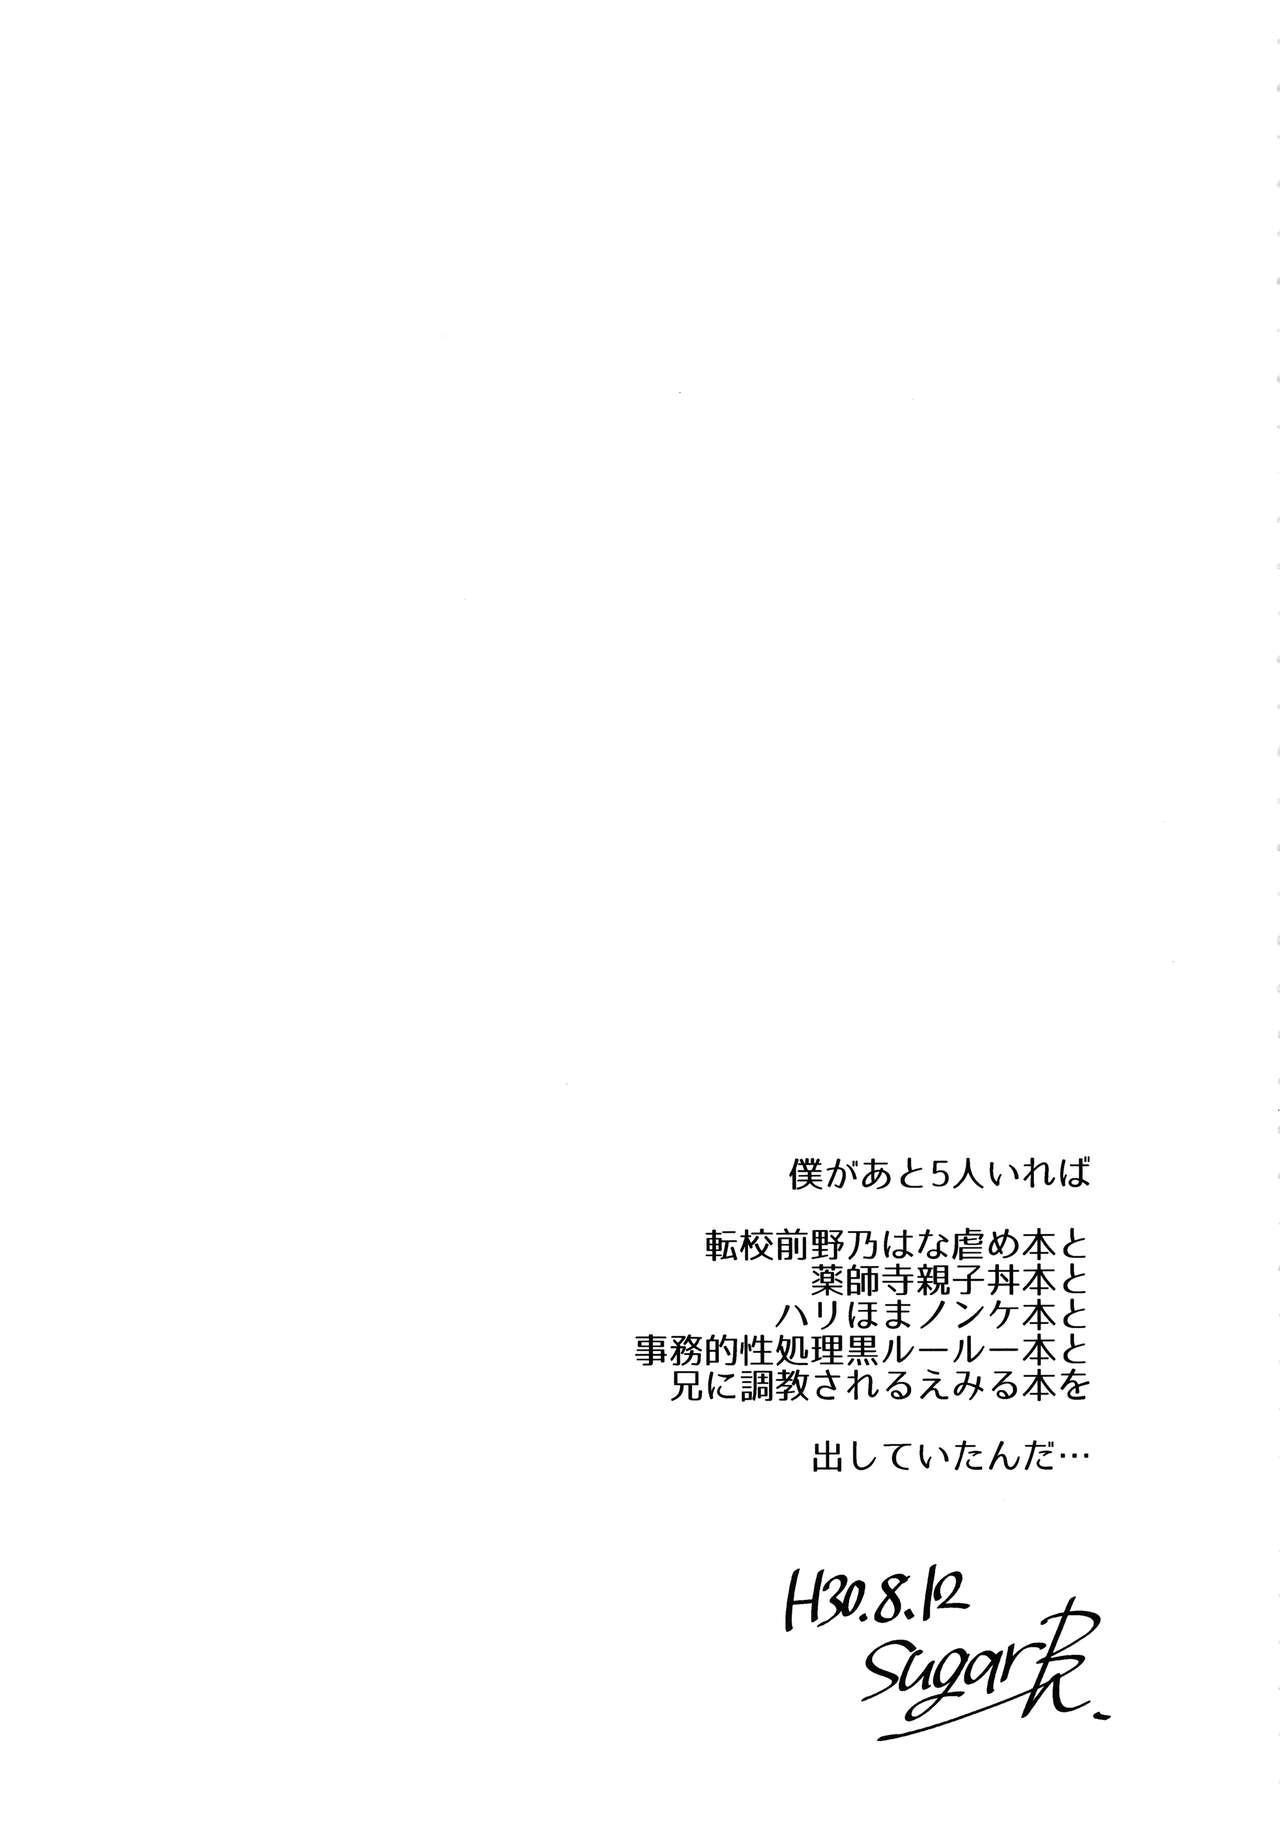 Kagayaku Mirai nante Nakatta | There is no sparkling future 19